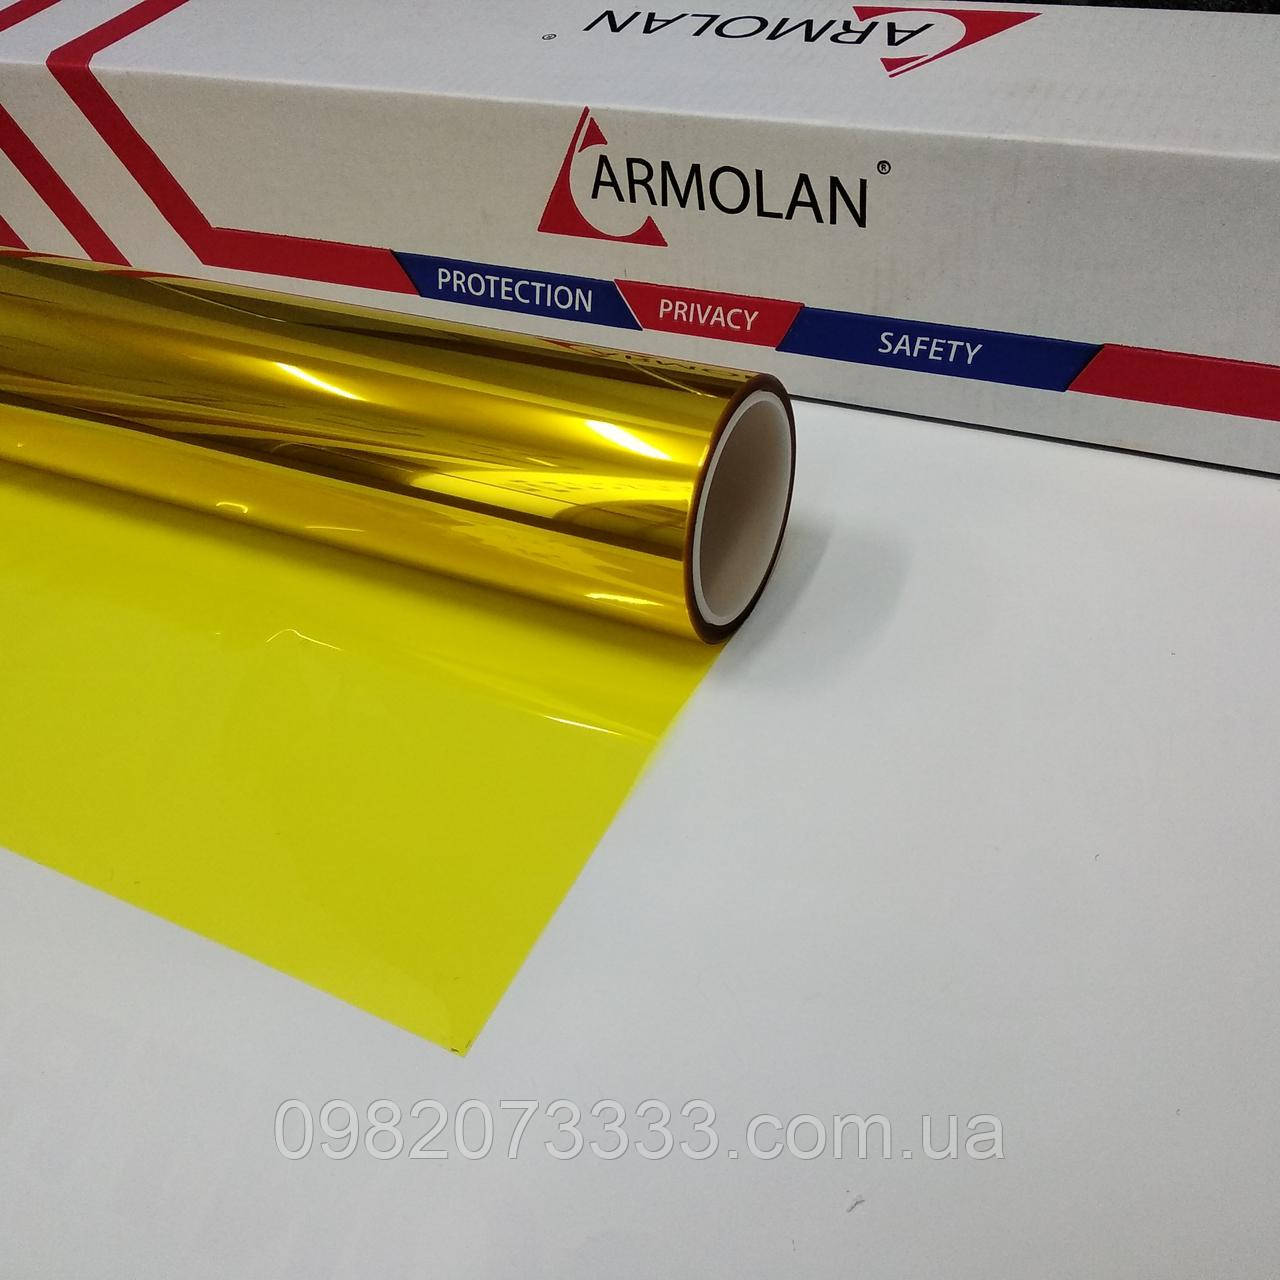 Тонировочная плёнка AR Yellow 75 Armolan витражная для перегородок. Ширина рулона 1,524 (цена за кв.м.)